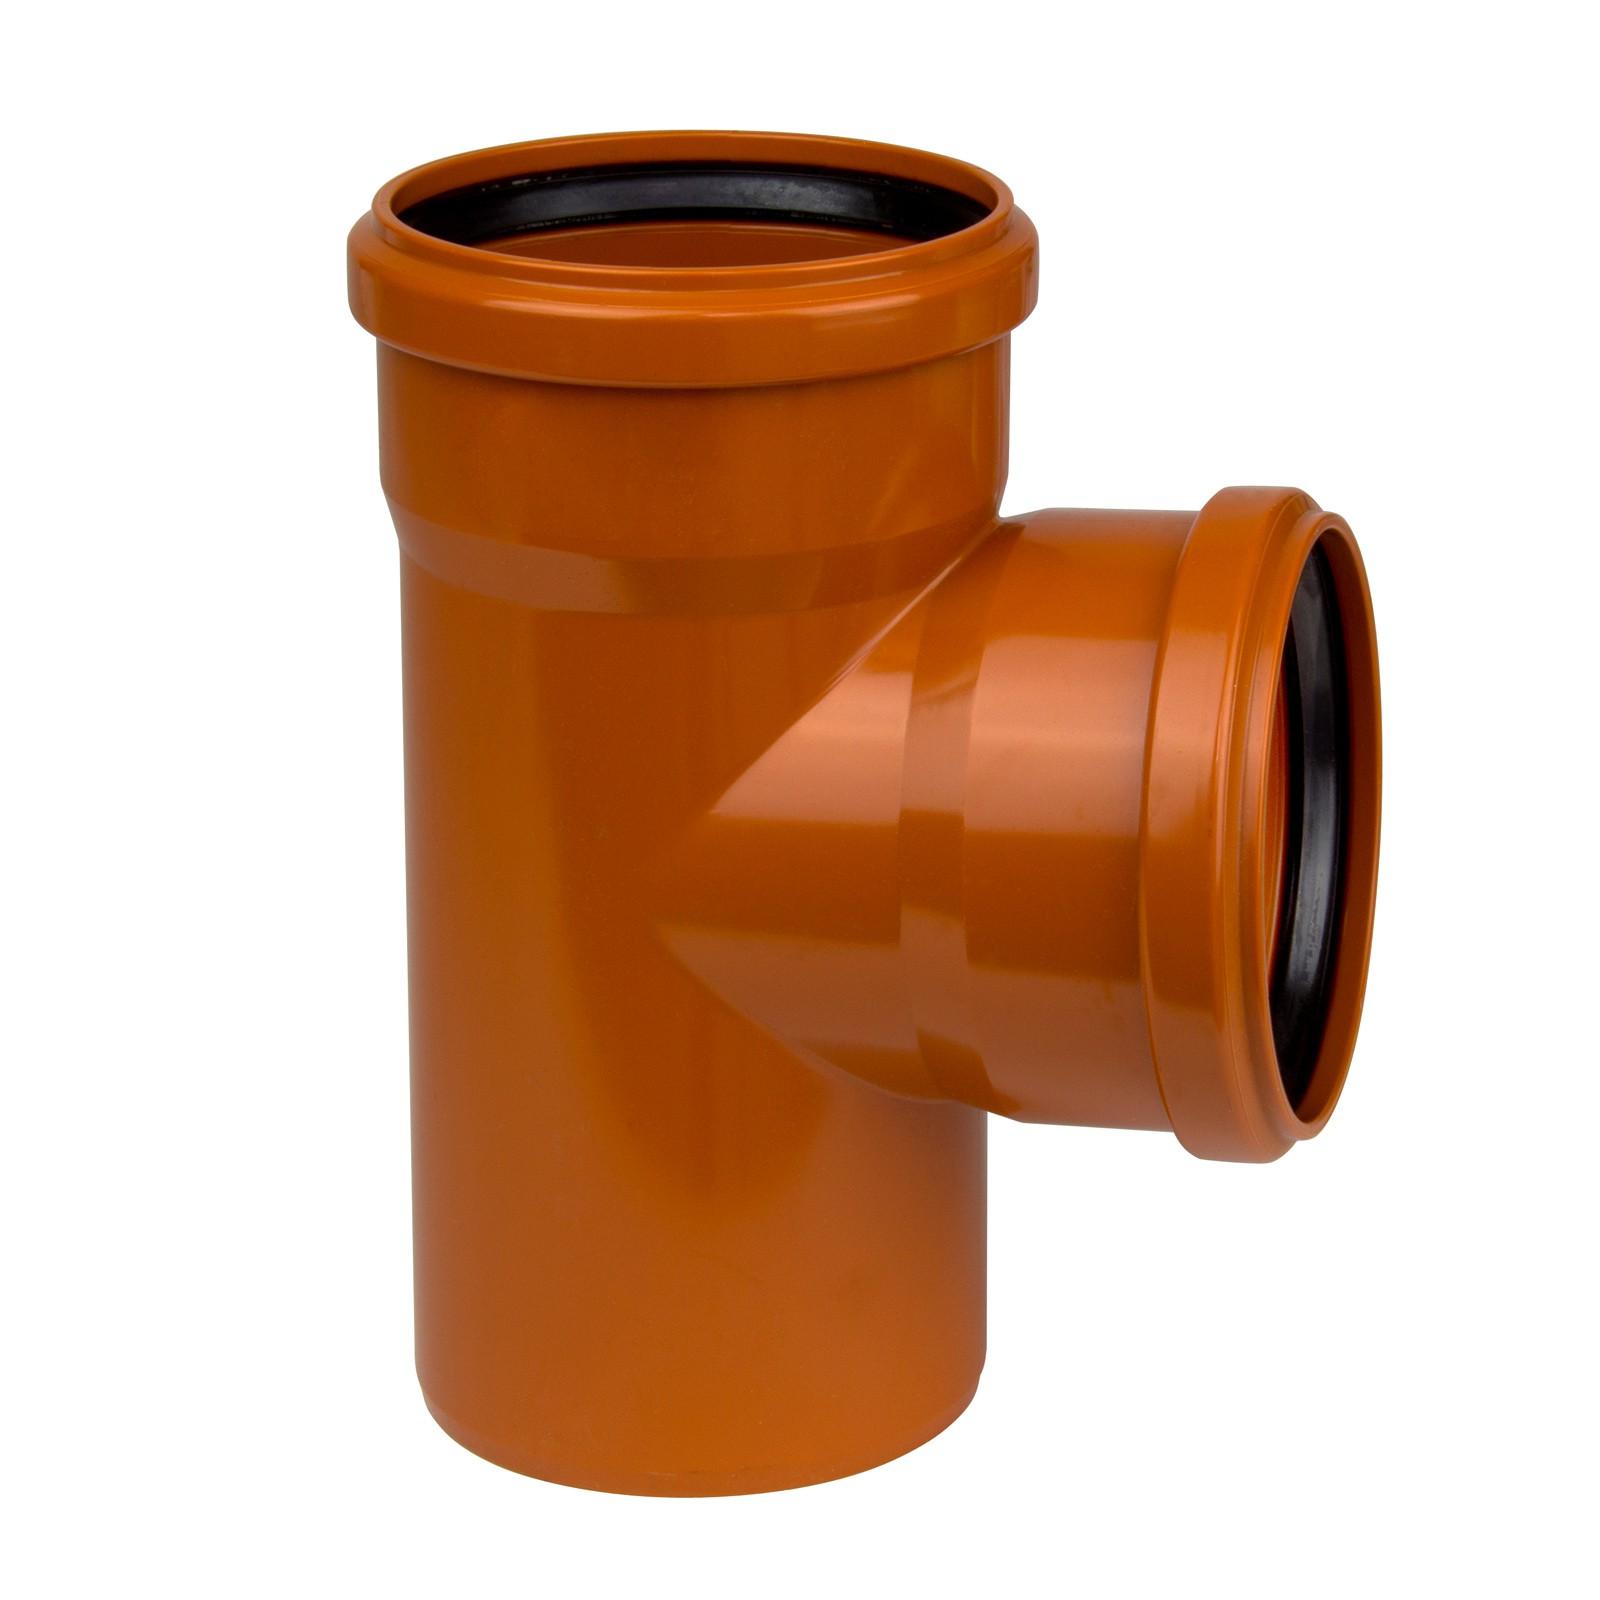 kg abzweig dn 250 250 87 abwasserrohr kanalrohr orange. Black Bedroom Furniture Sets. Home Design Ideas